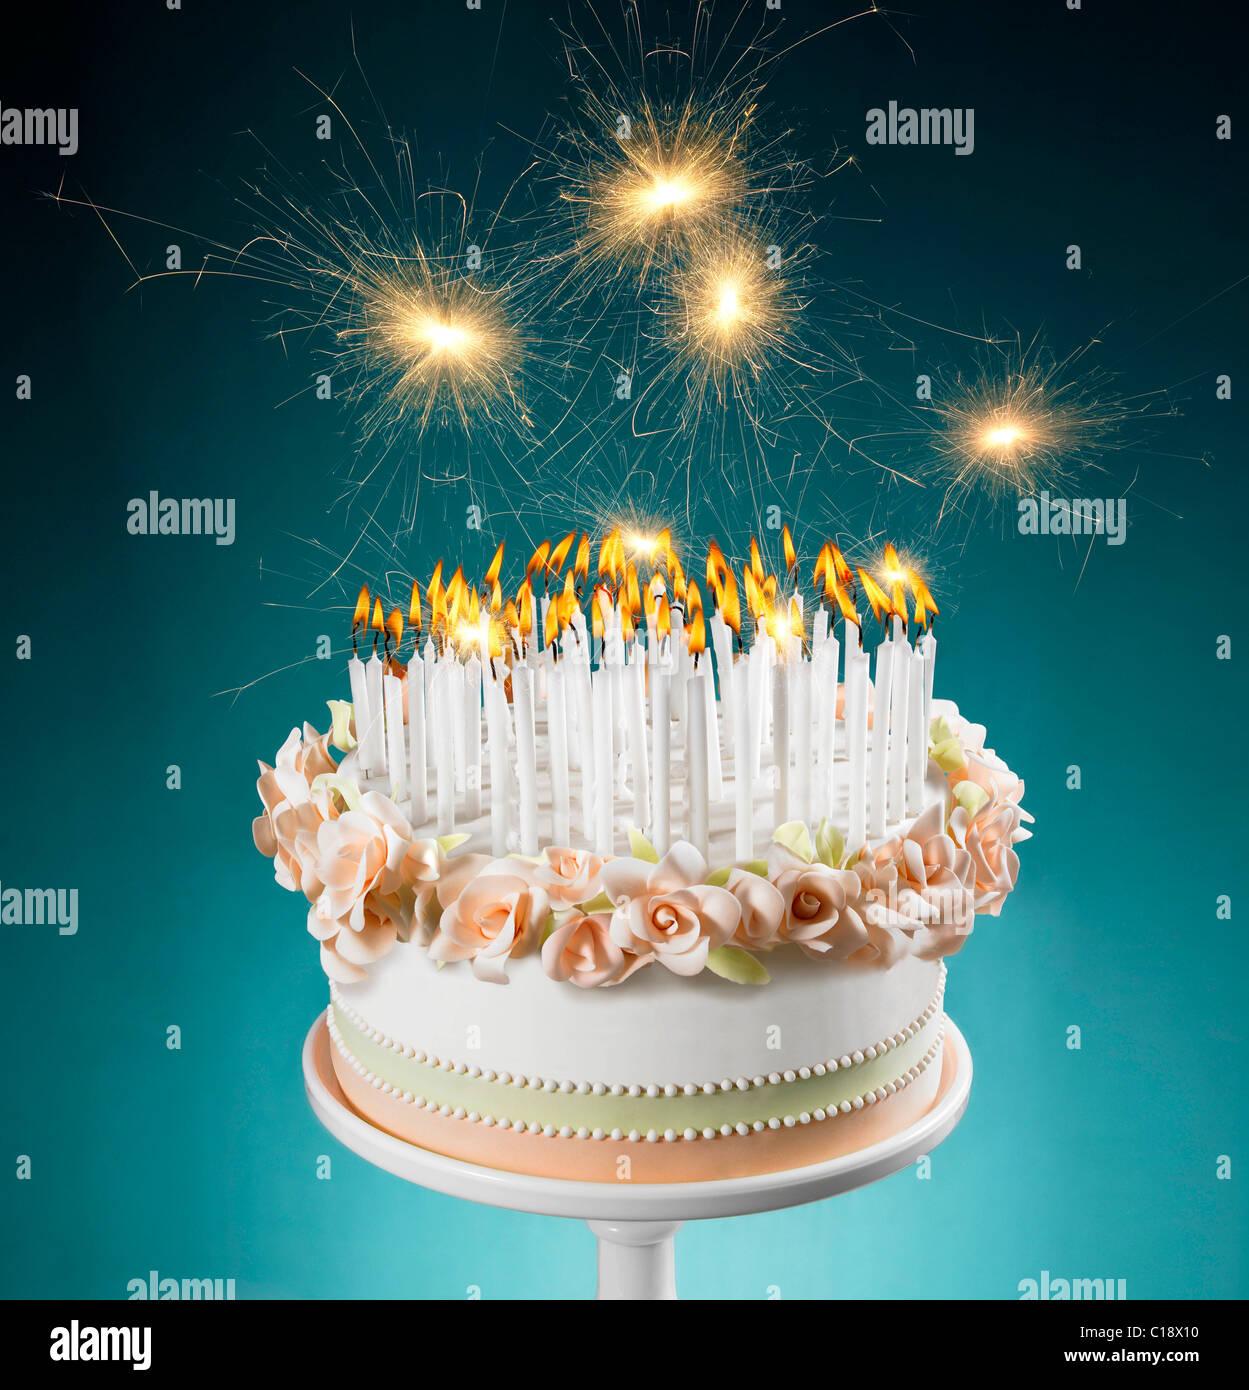 Gâteau d'anniversaire avec plein de bougies allumées Photo Stock